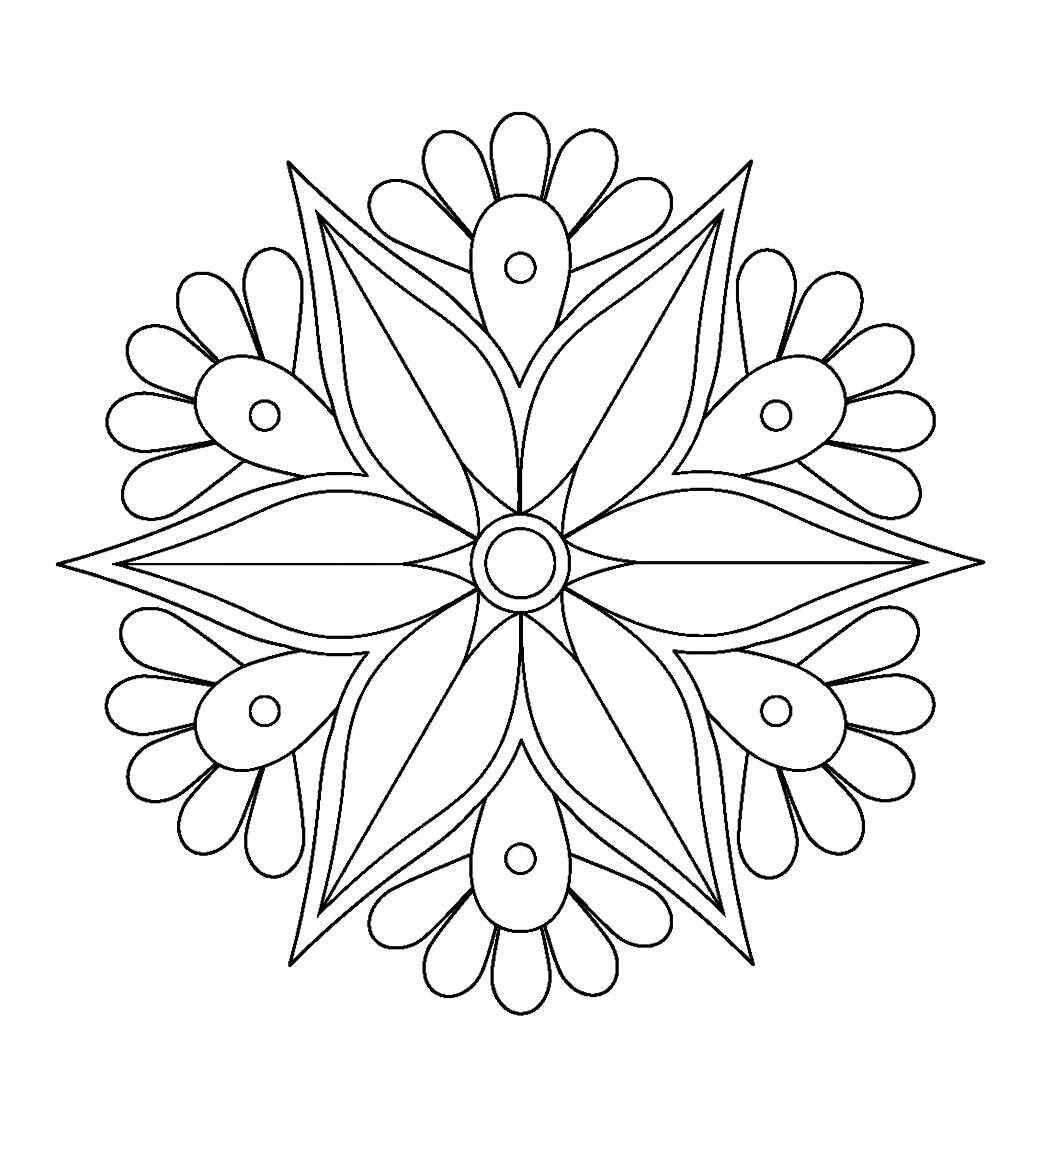 Pin de Ngọc Lưu en tranh | Pinterest | Mandalas, Mandalas pintadas y ...